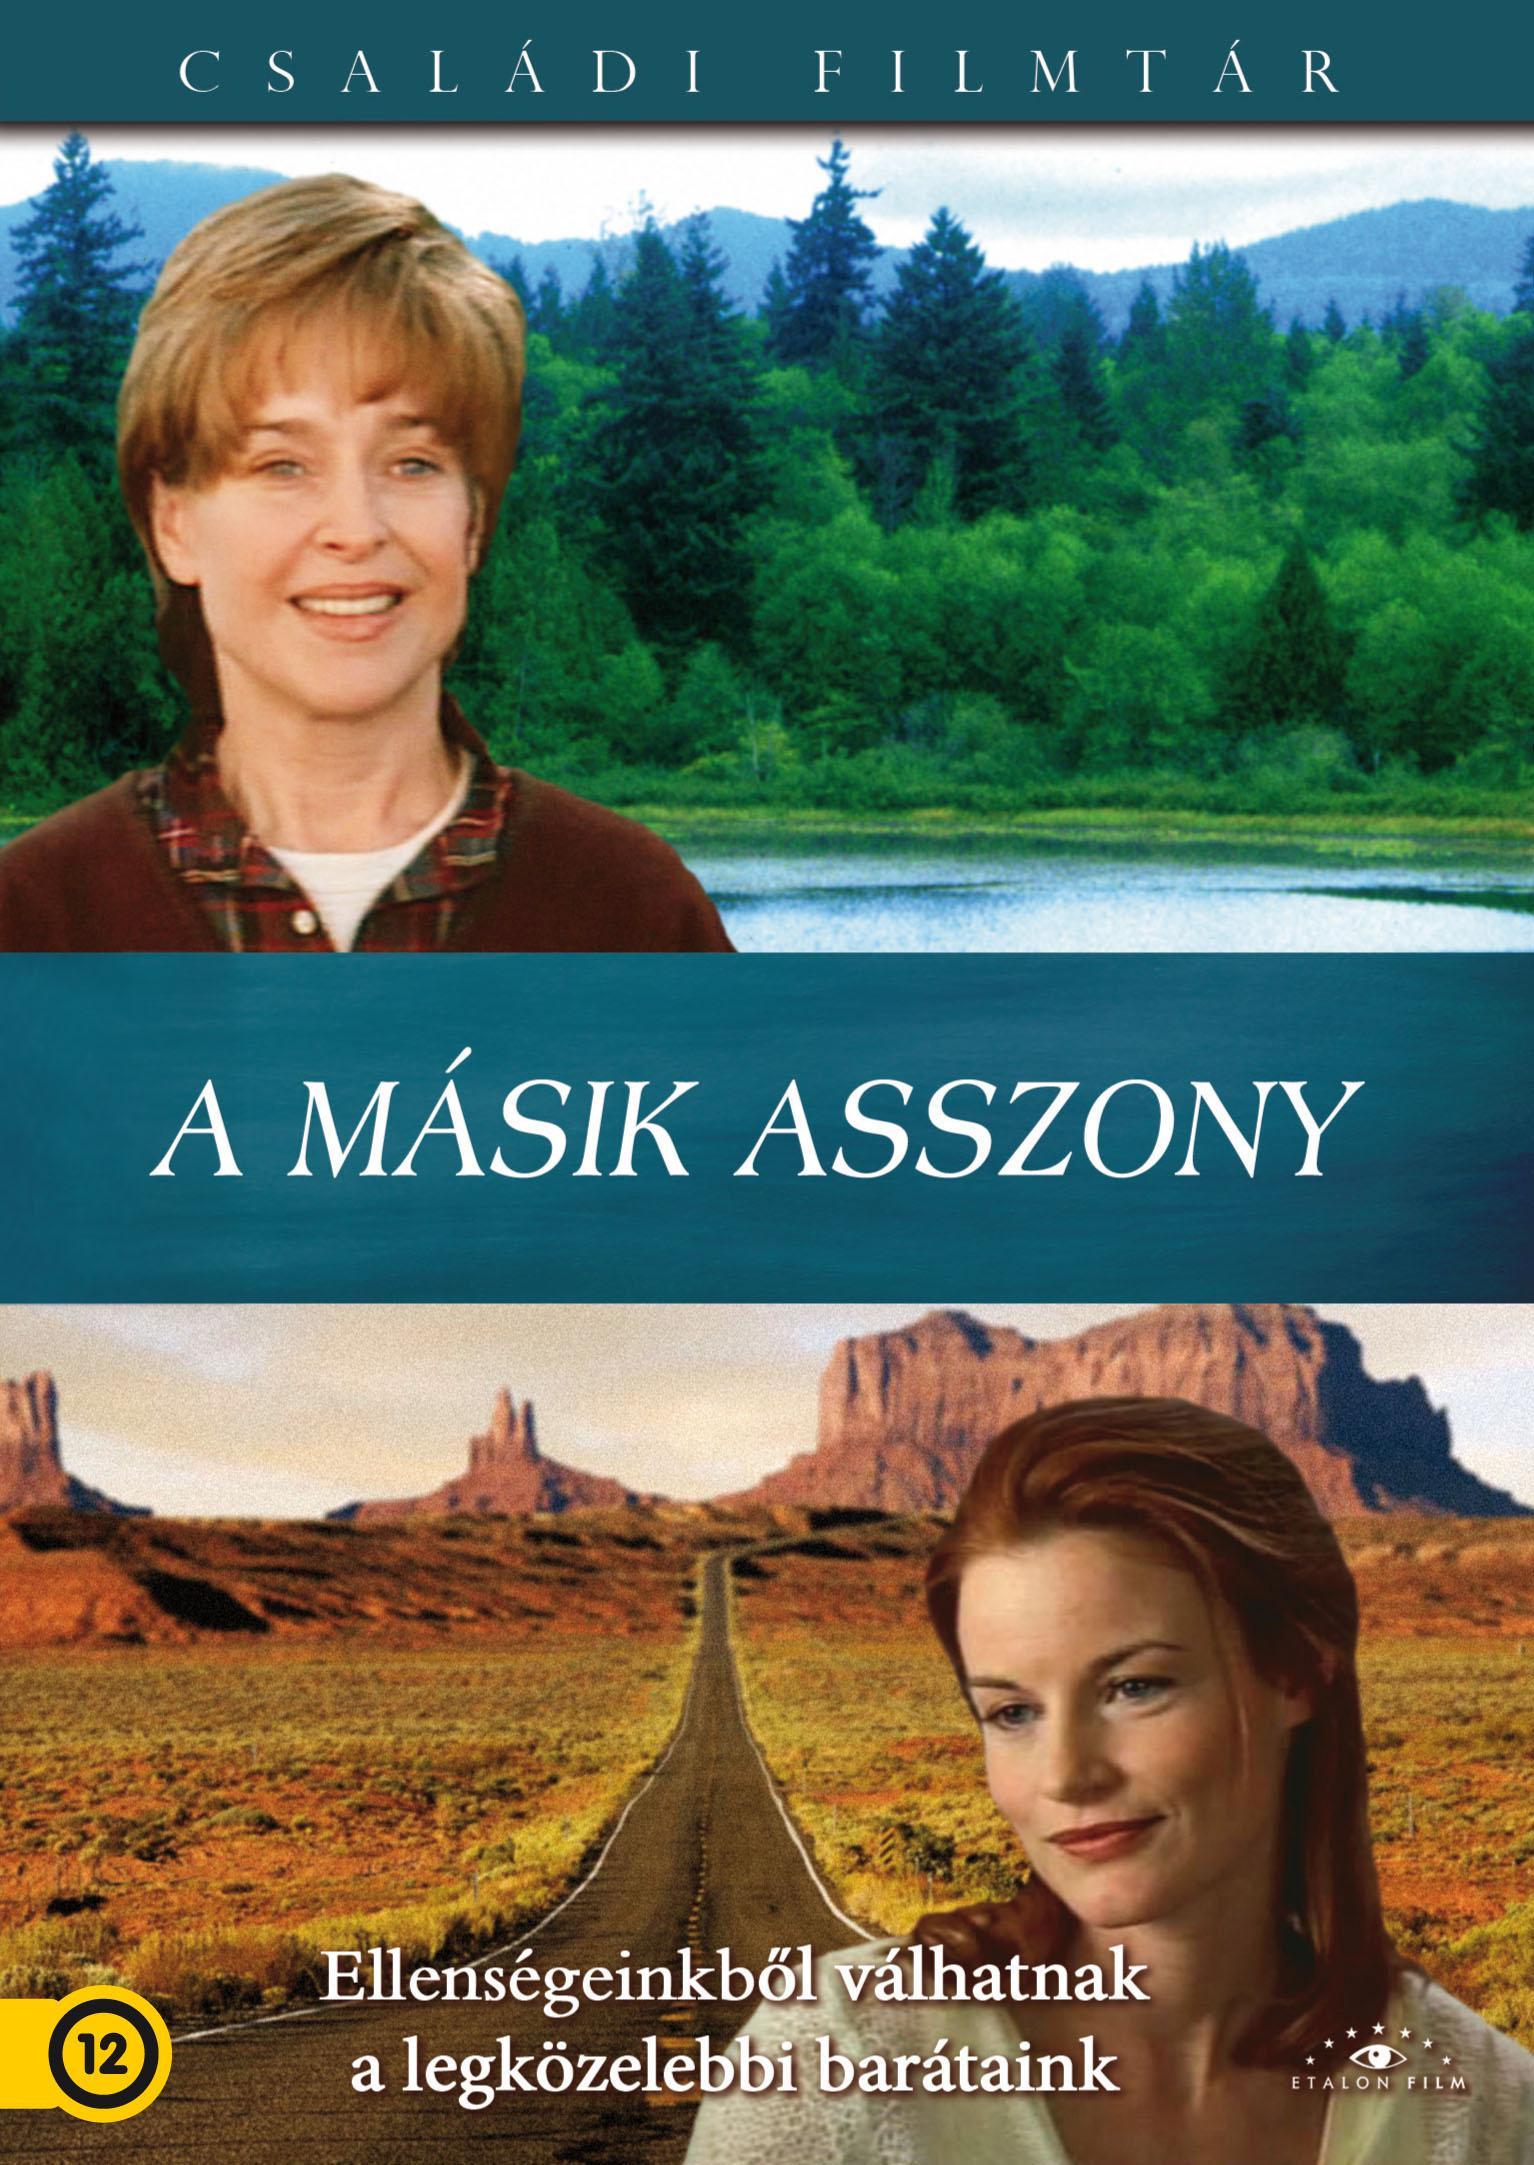 - A MÁSIK ASSZONY - DVD -